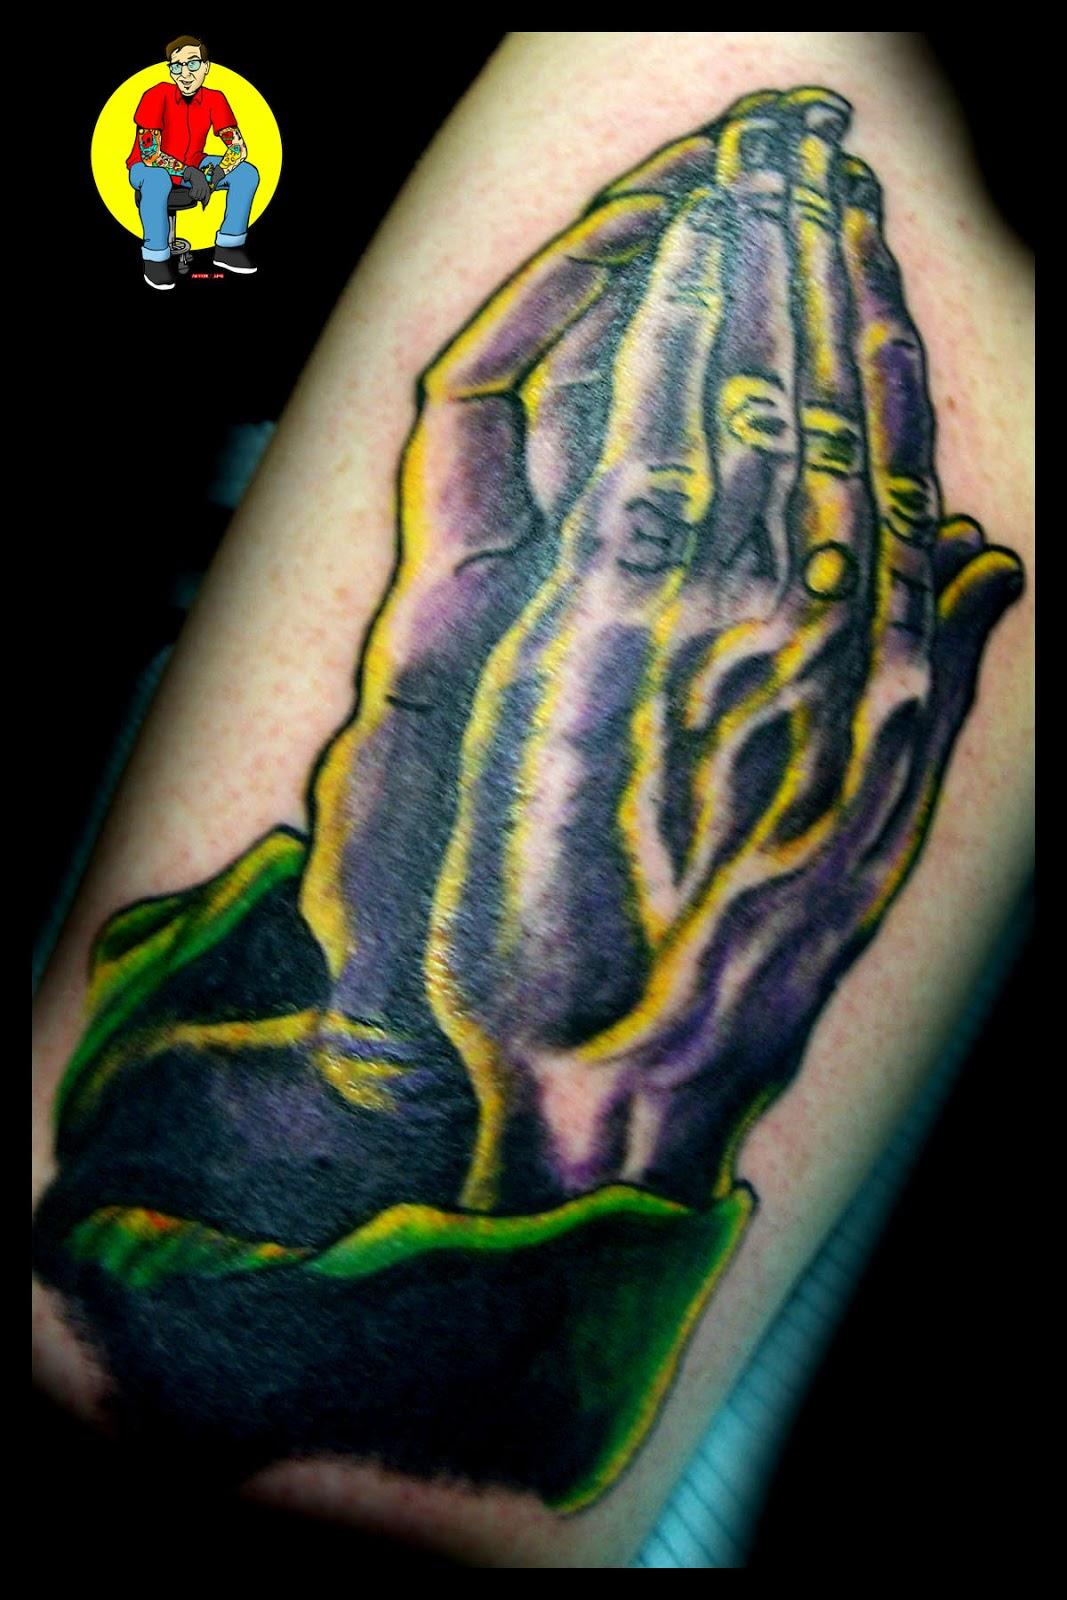 Tattoo Nerd Tattoos And Plagiarism